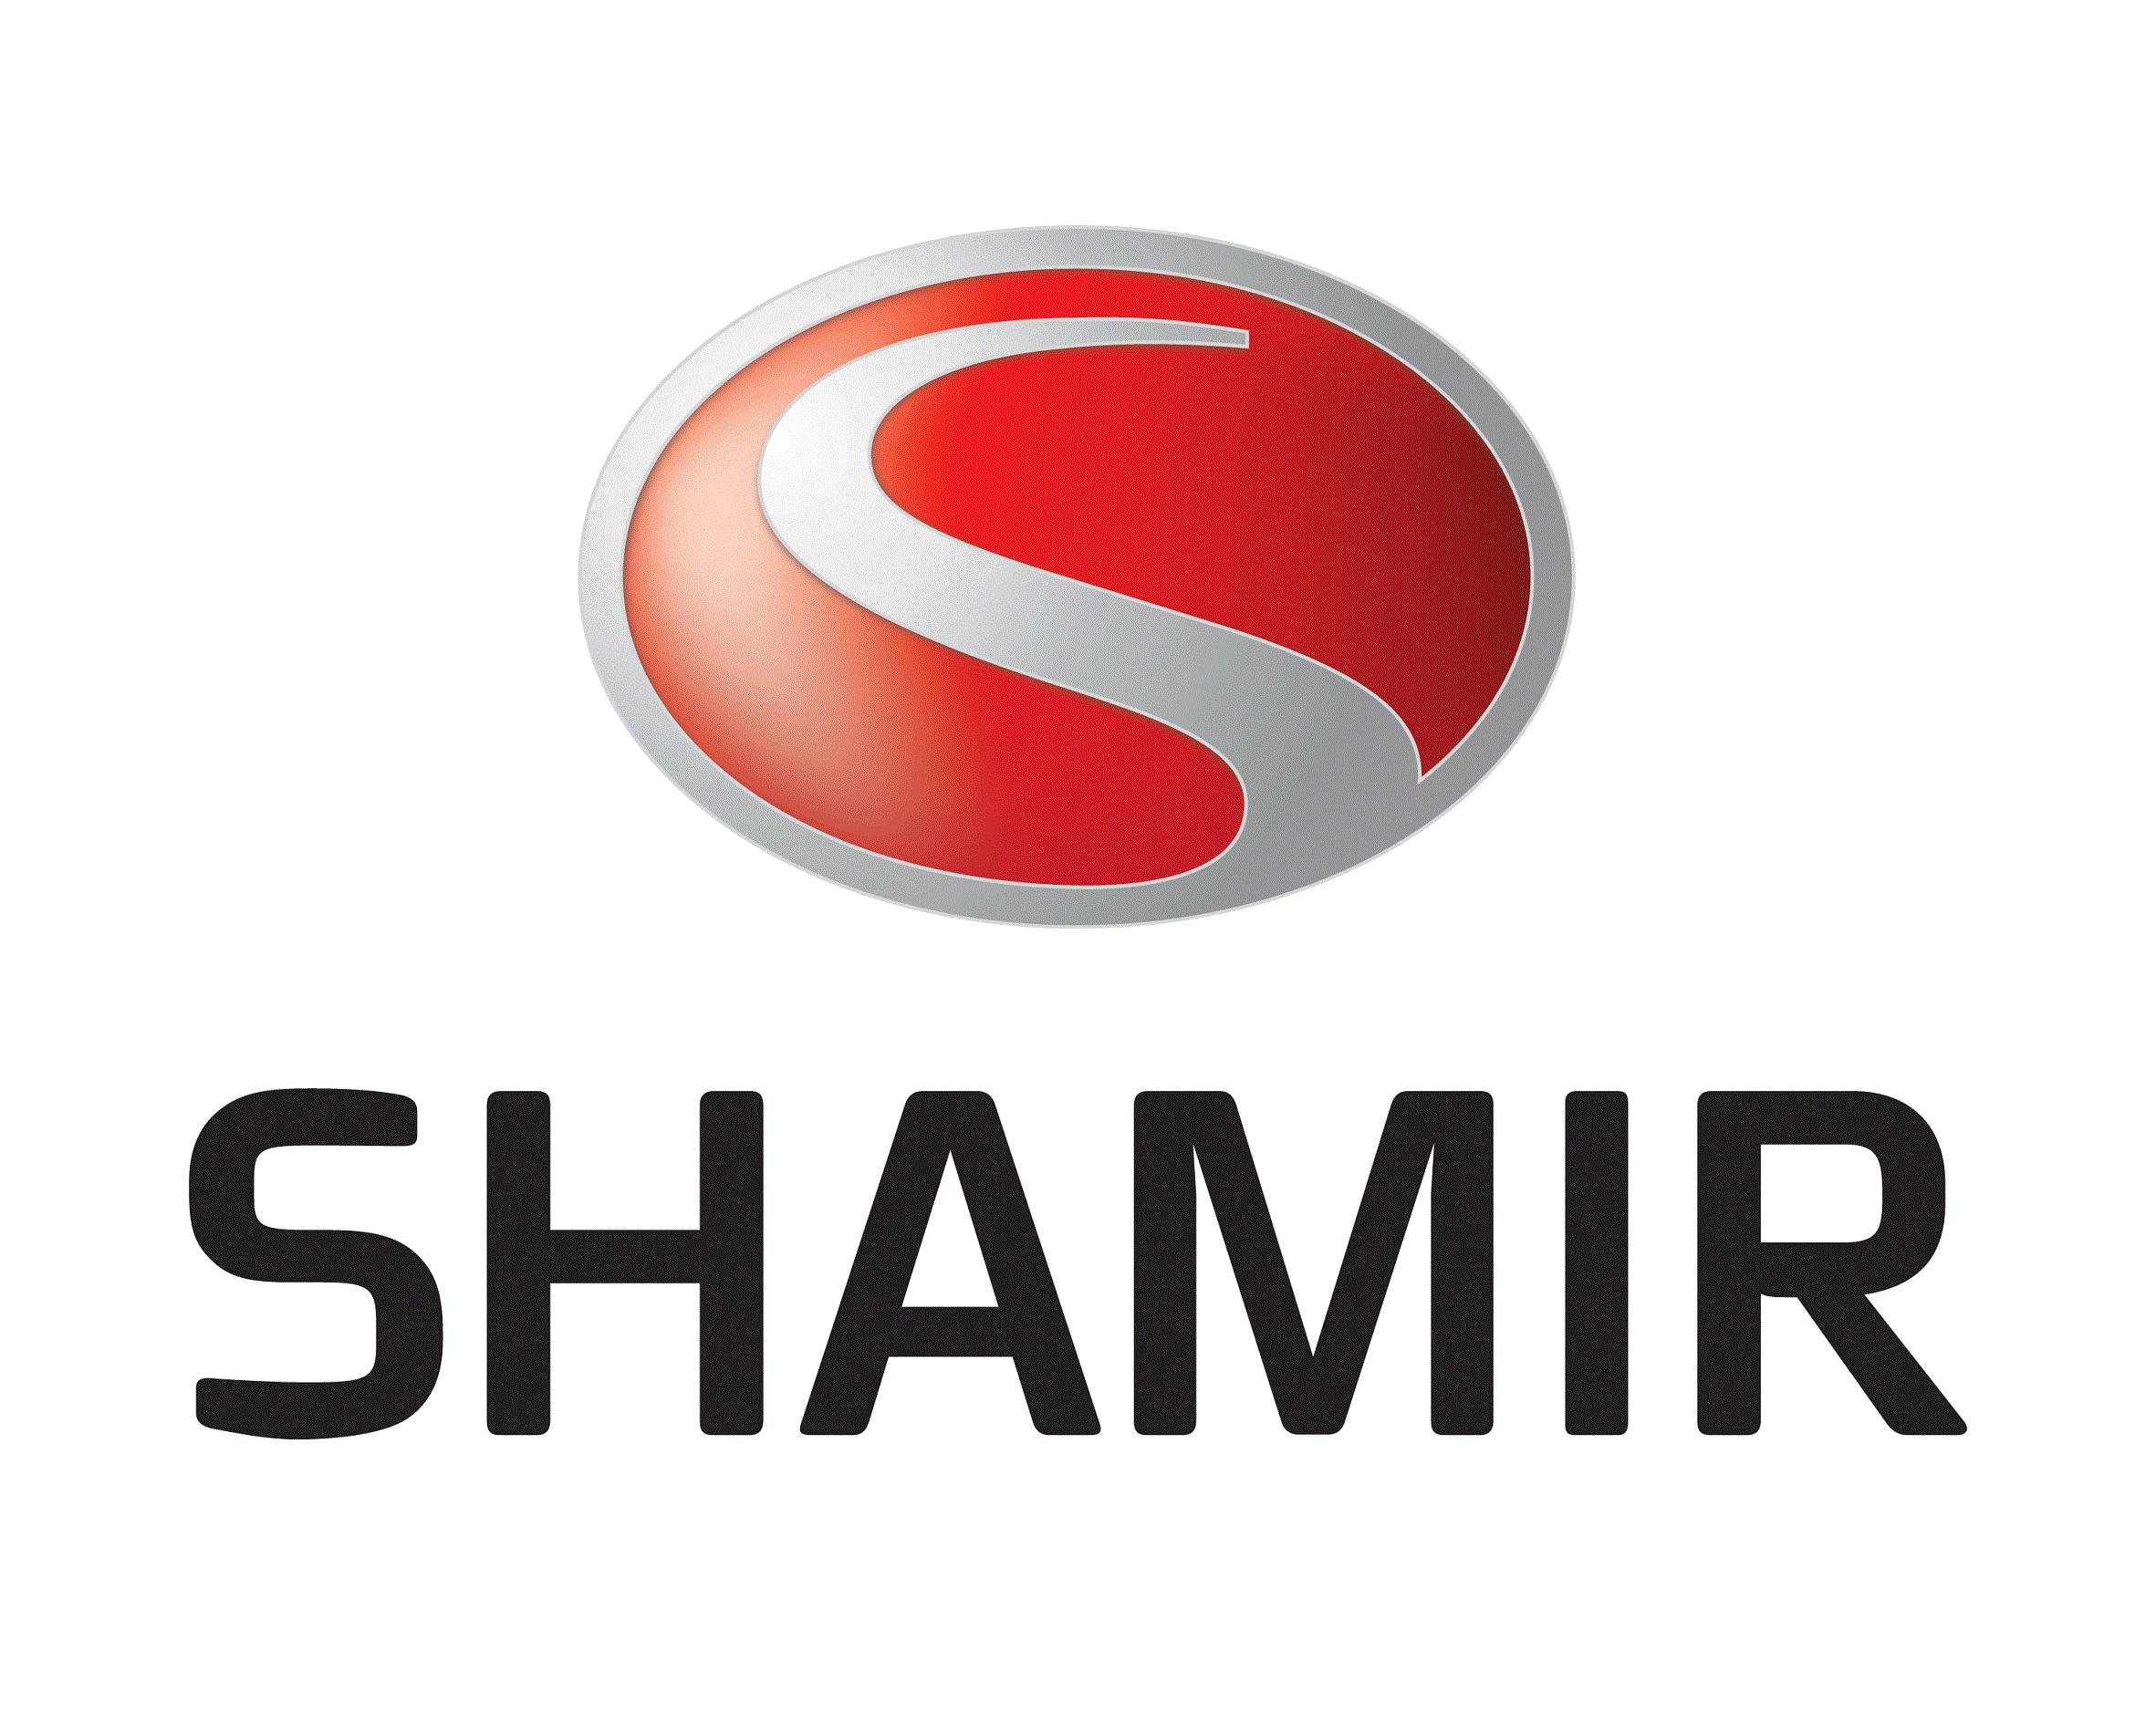 Shamir Insight